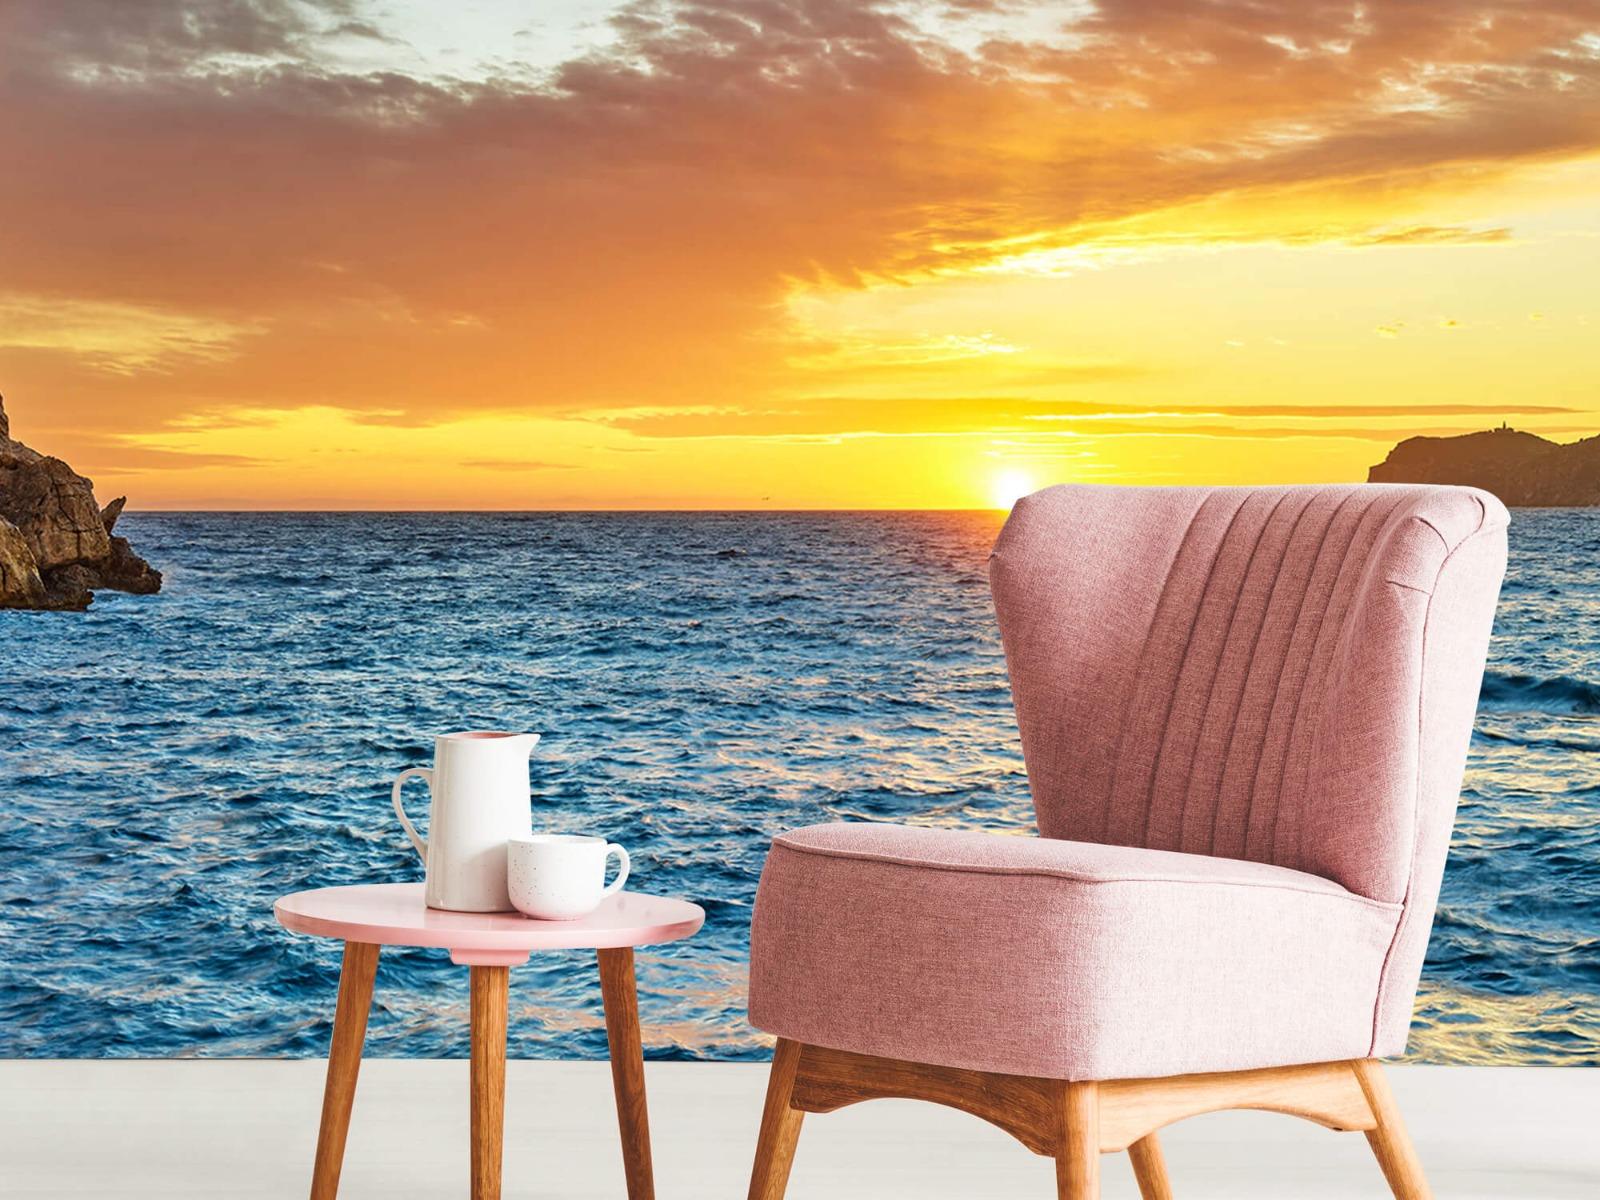 Zon - Zonsondergang op een eiland - Slaapkamer 9